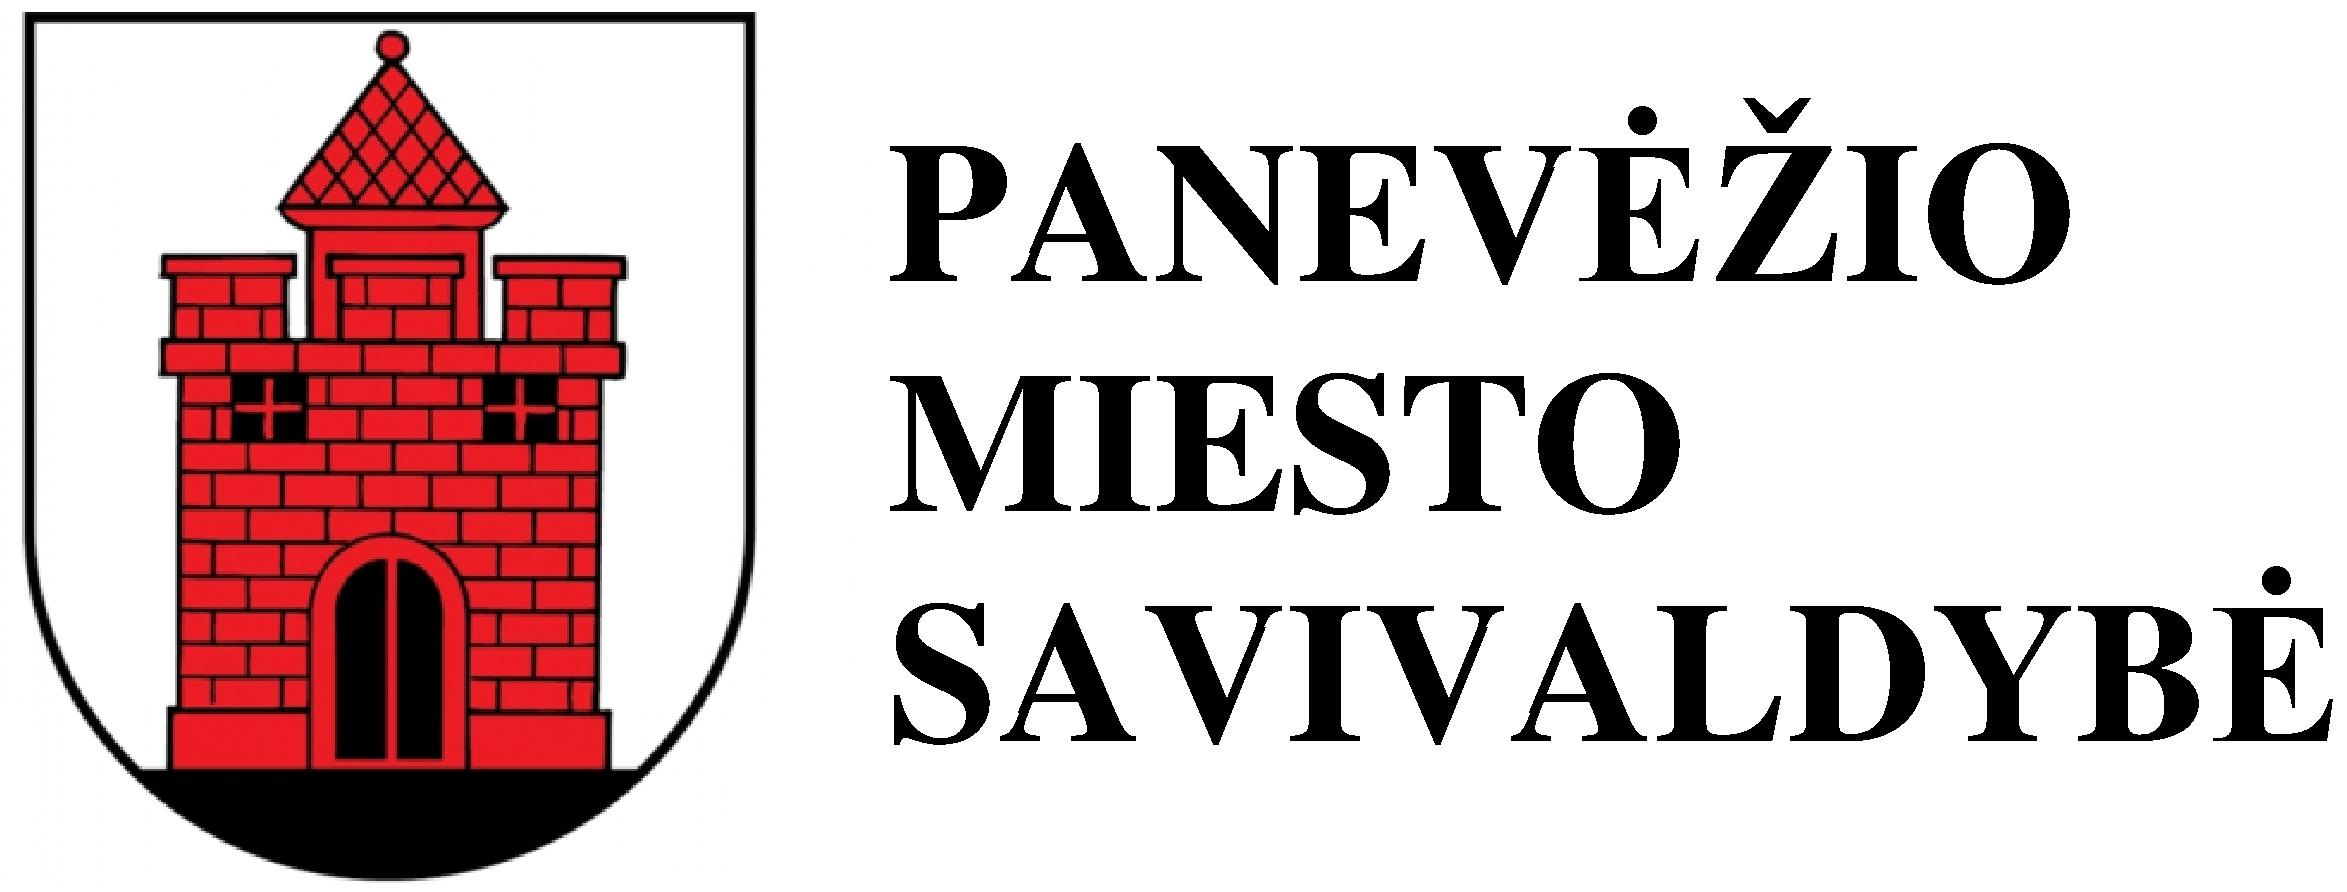 panevezio-miesto-savivaldybe_(1)